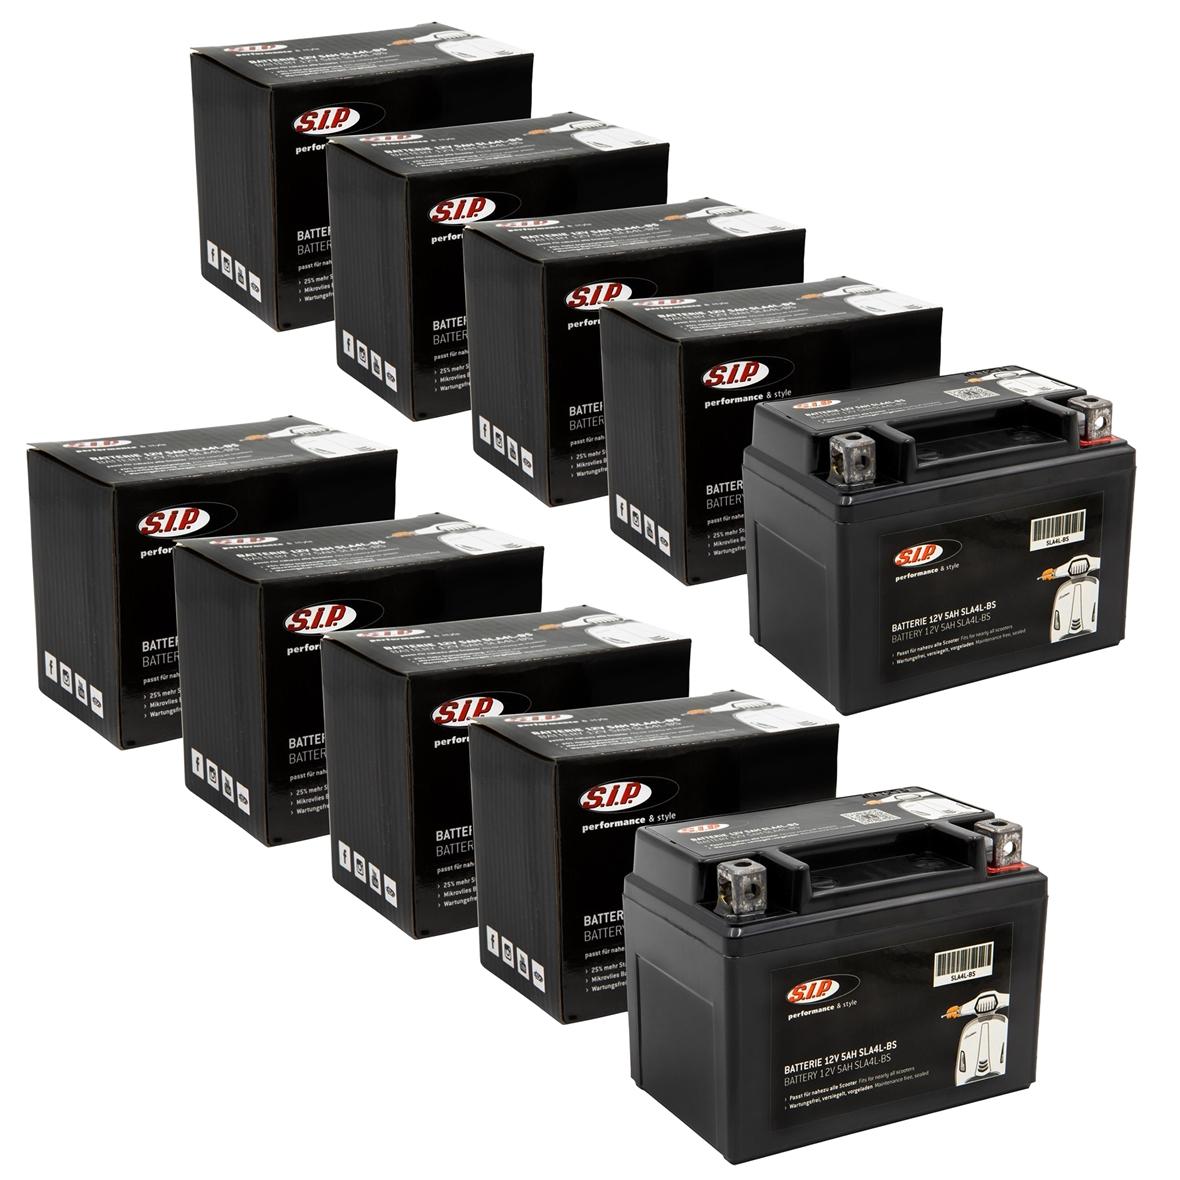 「バッテリー SIP 12V/5Ah, SLA12-4Title」の製品画像